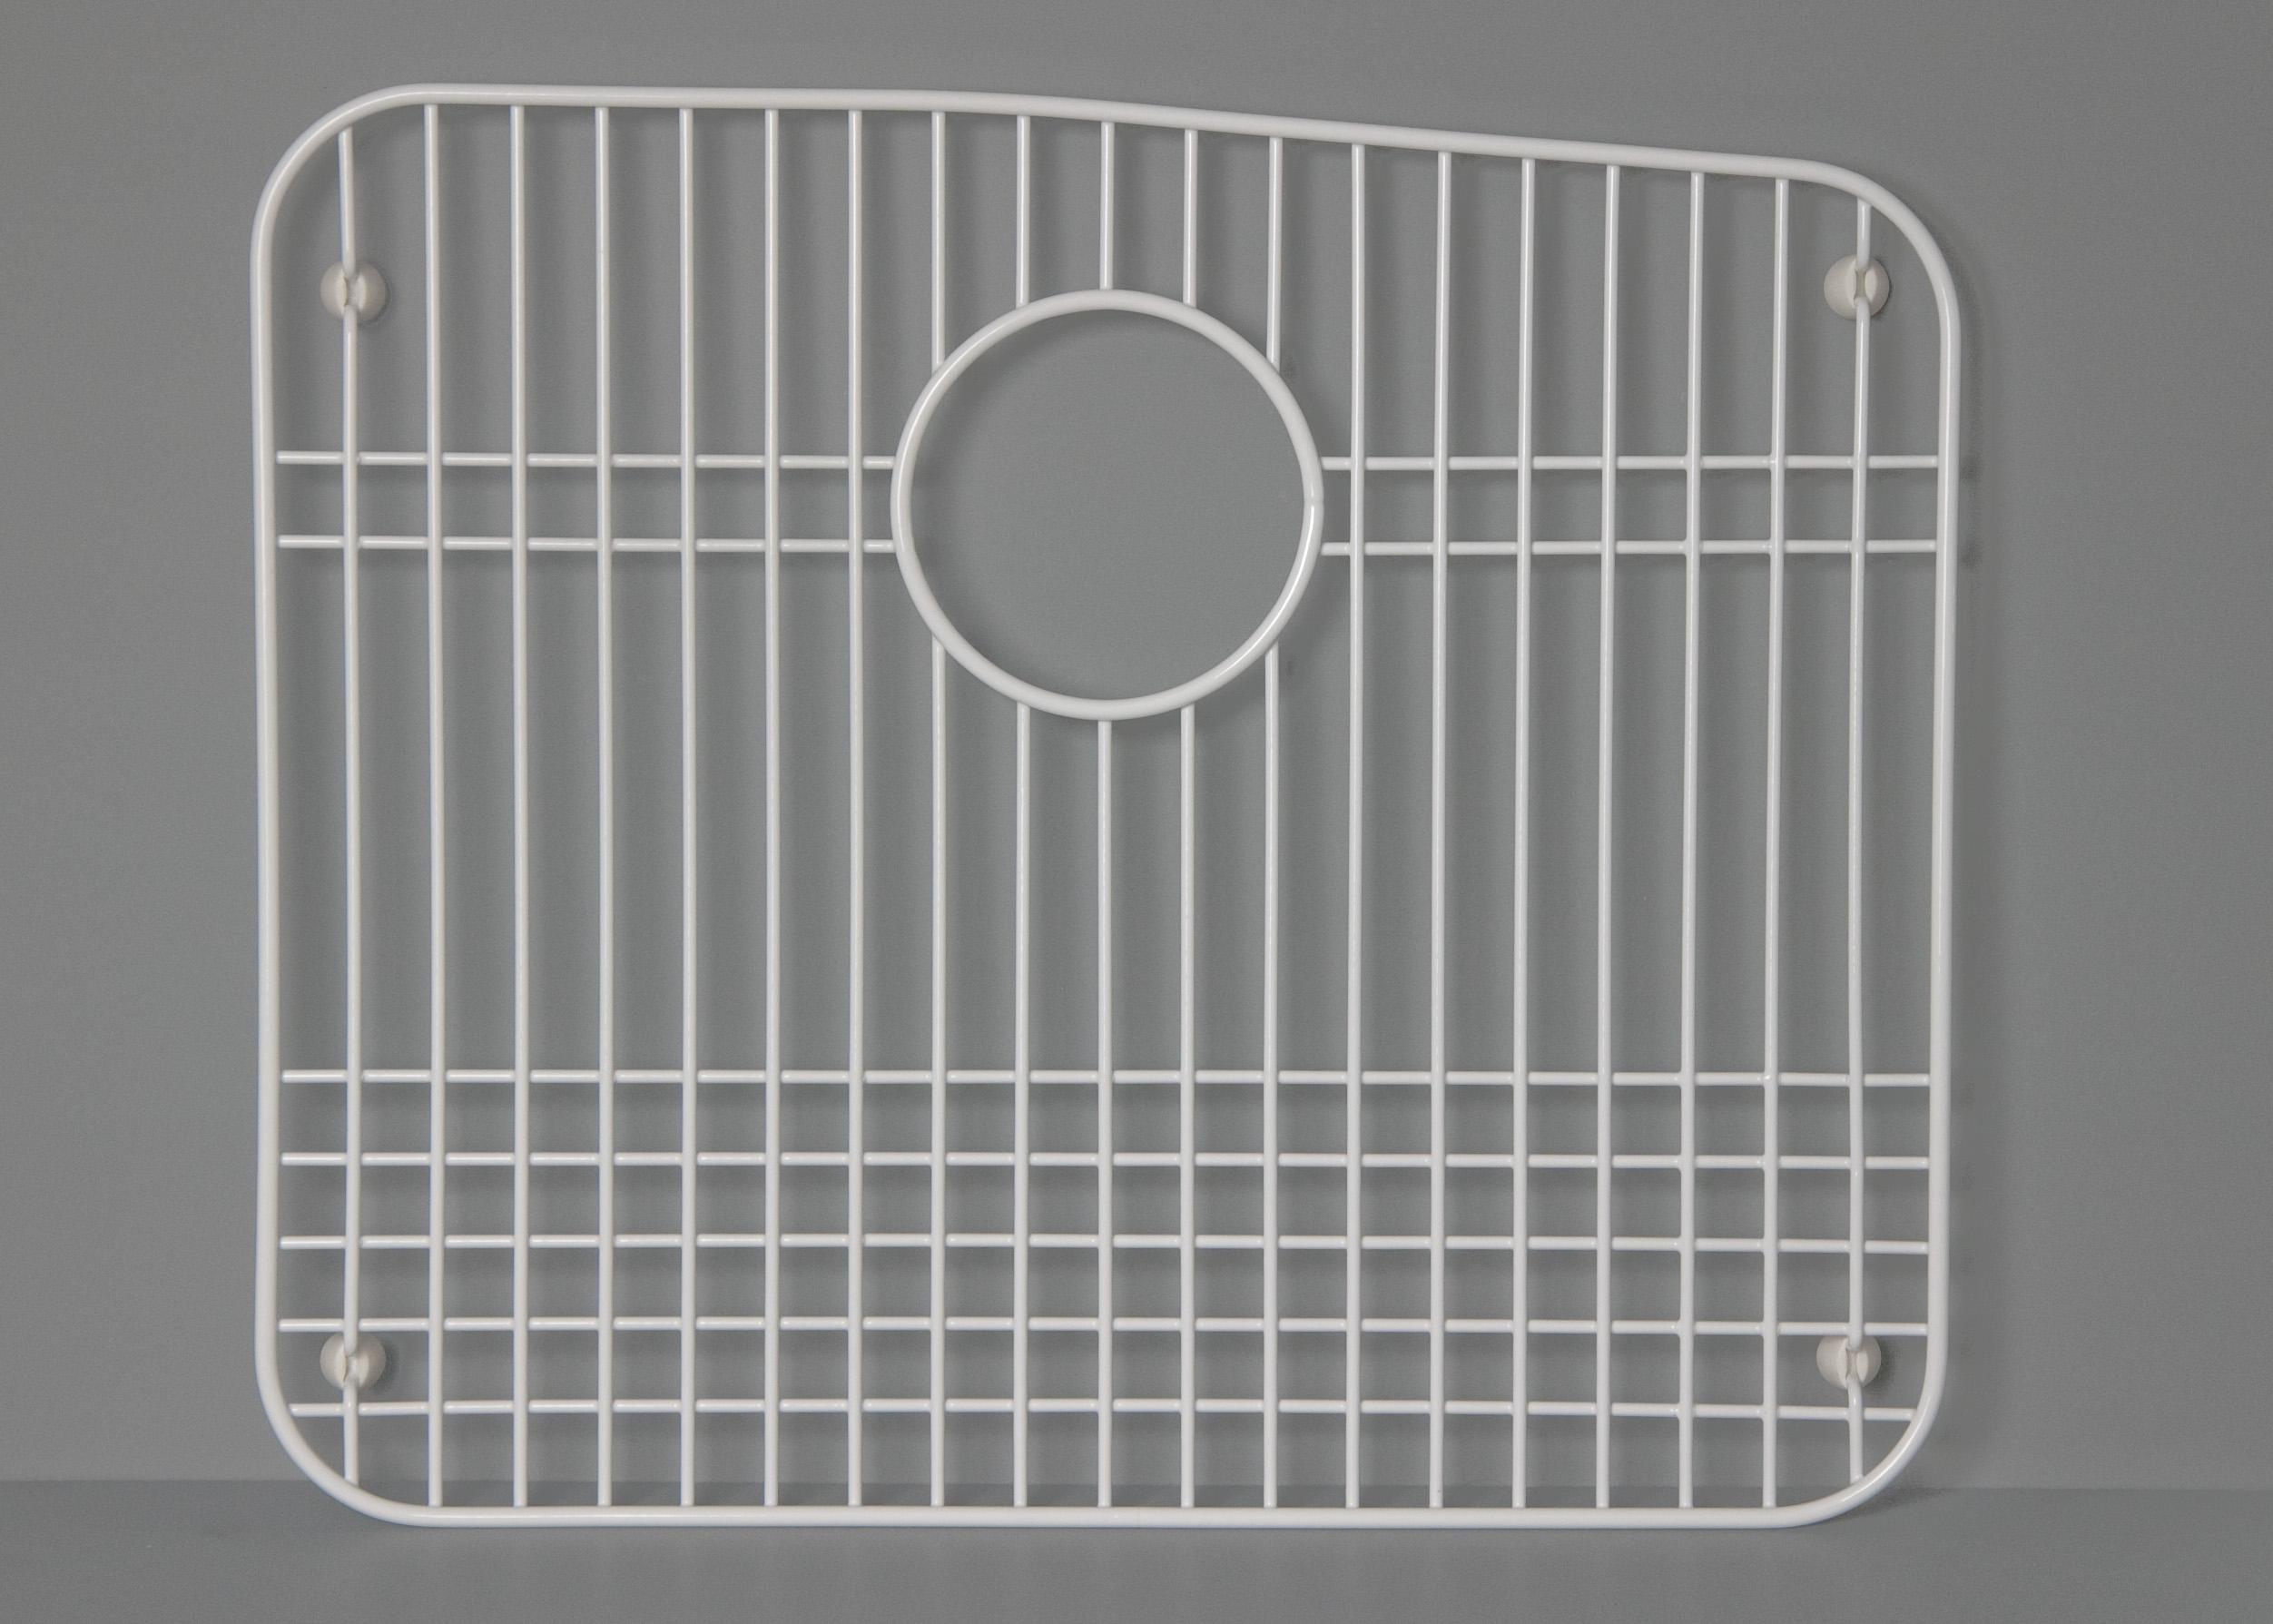 Kohler   K-6011-0   K-6011-0 Lakefield Rack Stainless Steel with White Vinyl Coating